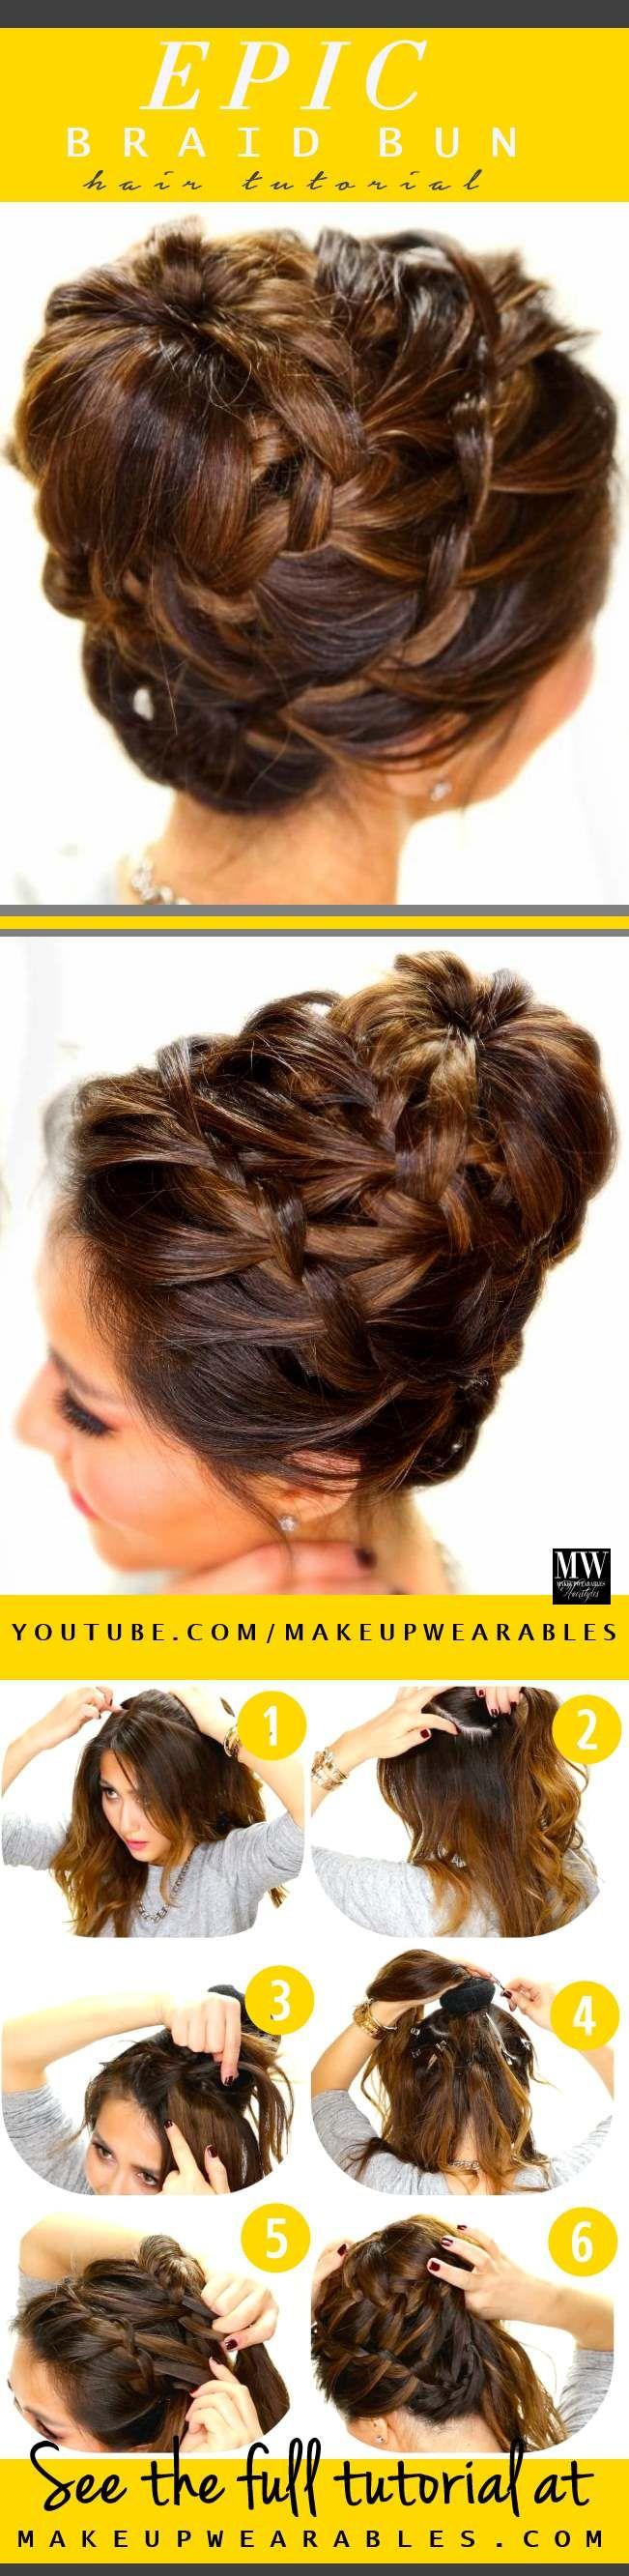 Epic braid bun hairstyle hair tutorial for long u medium hair